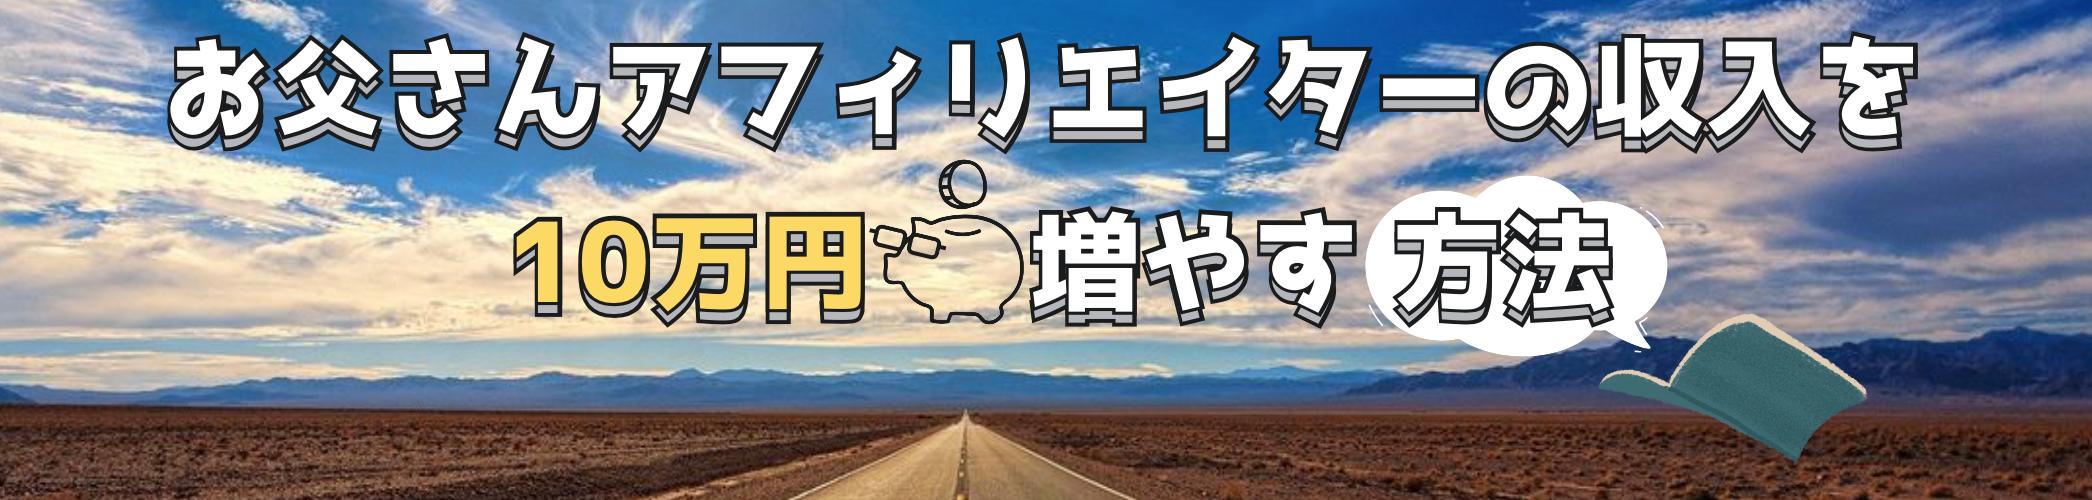 お父さんアフィリエイターの収入を10万円増やす方法